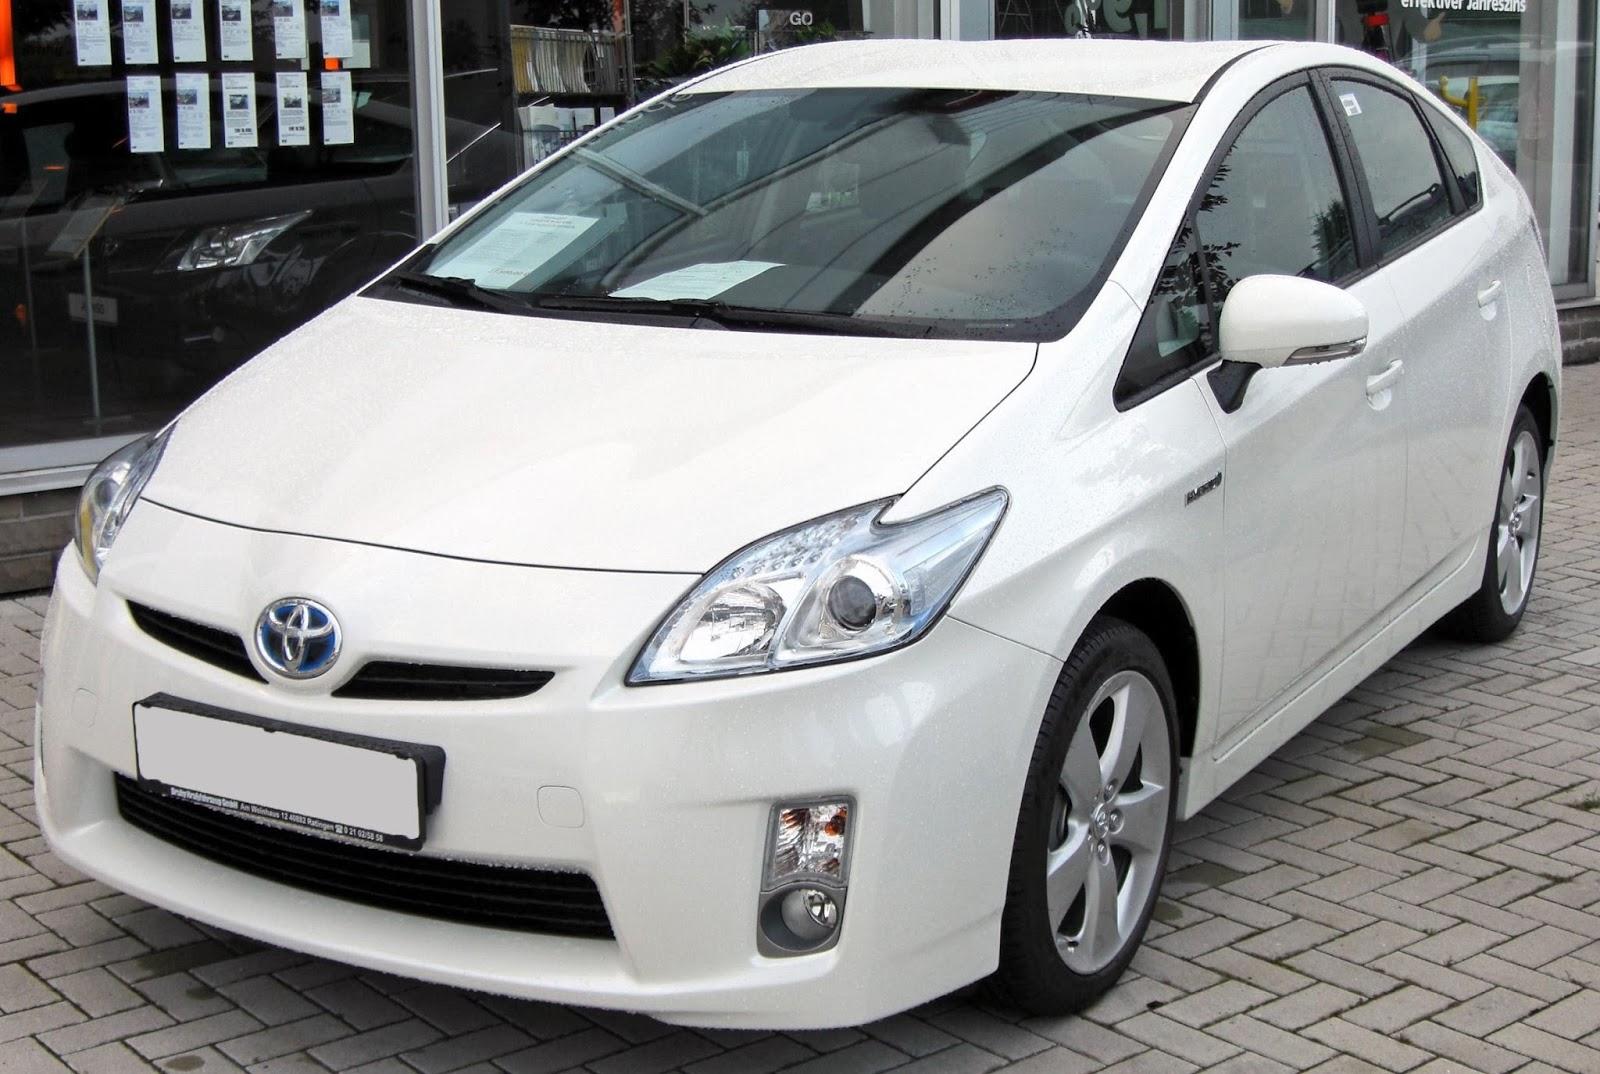 Toyota Prius Top Selling Car In California Again